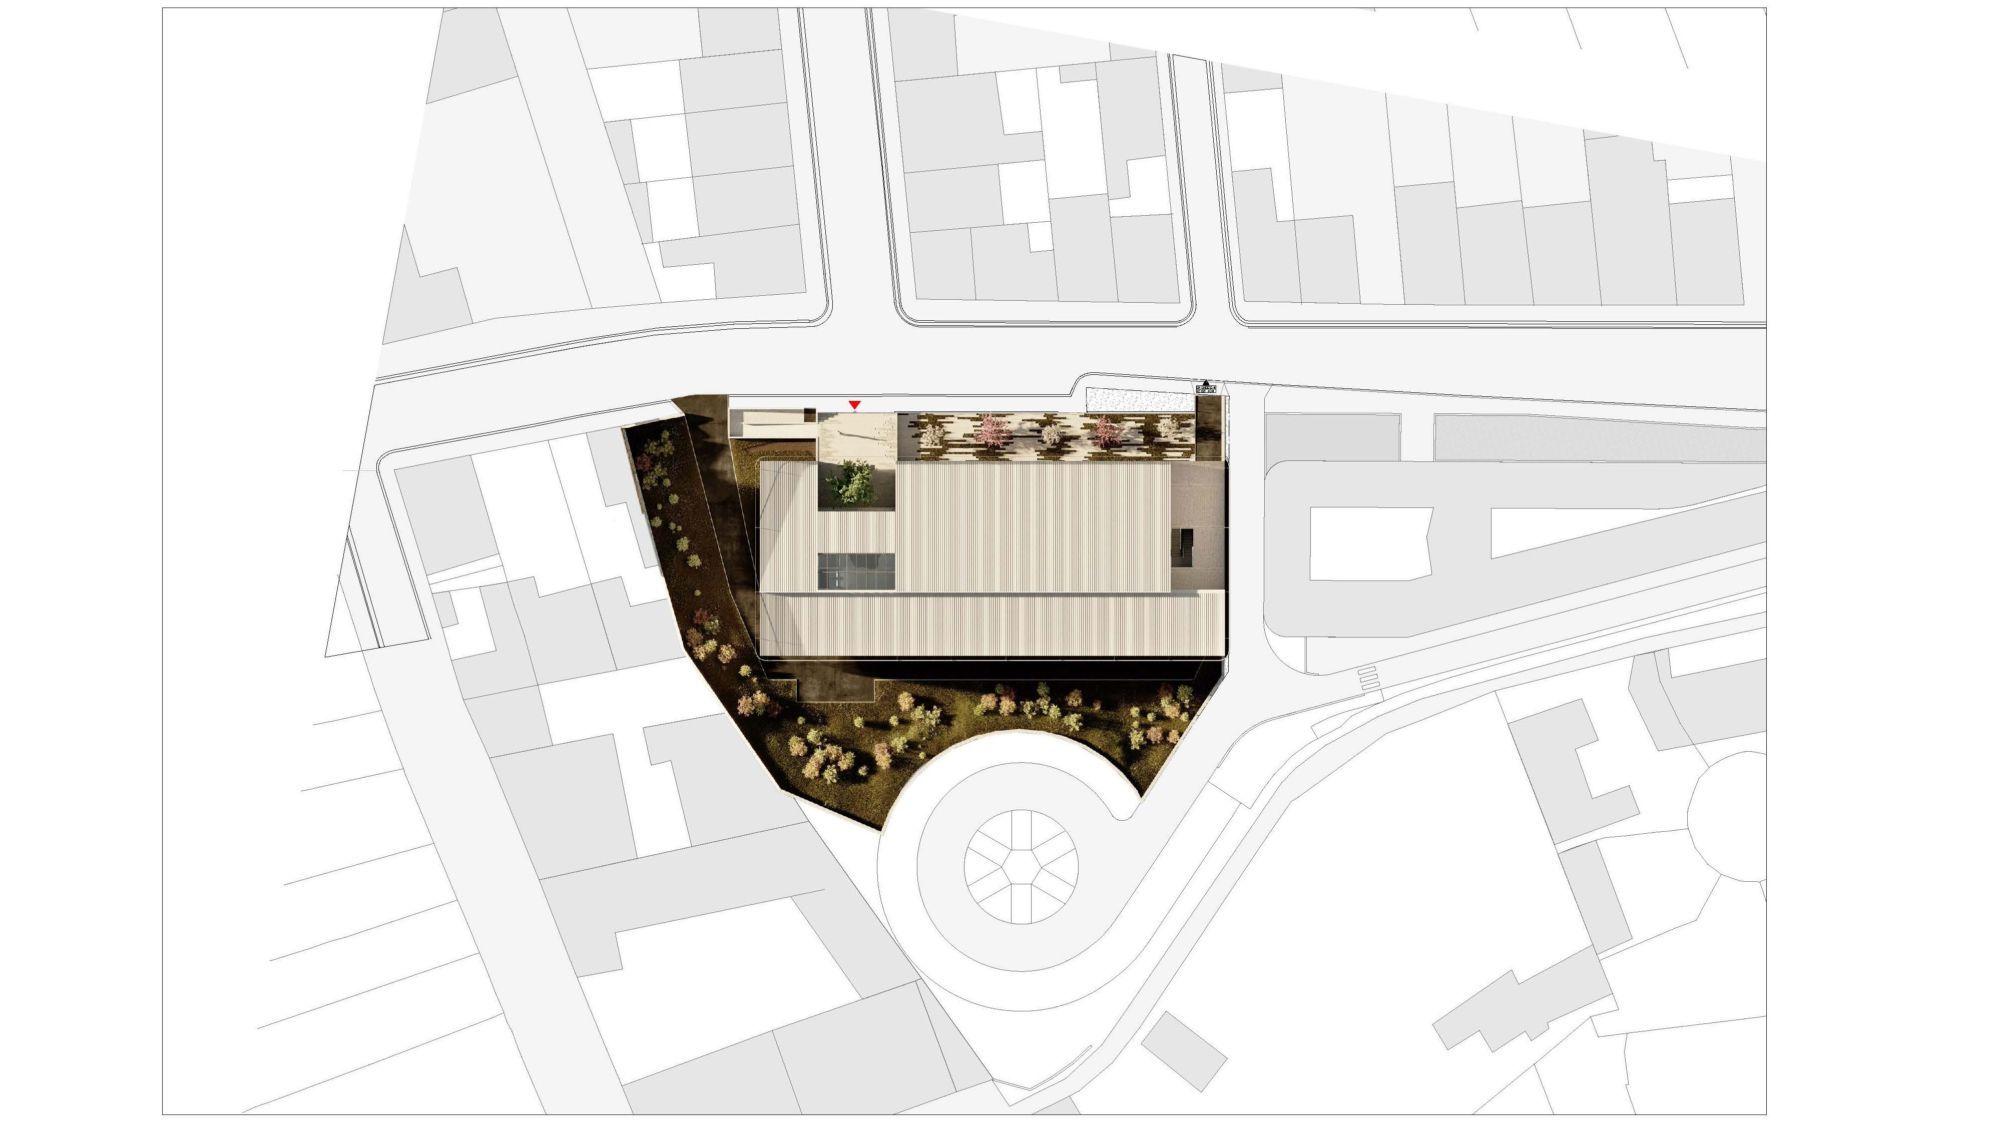 Plan de masse du bâtiment